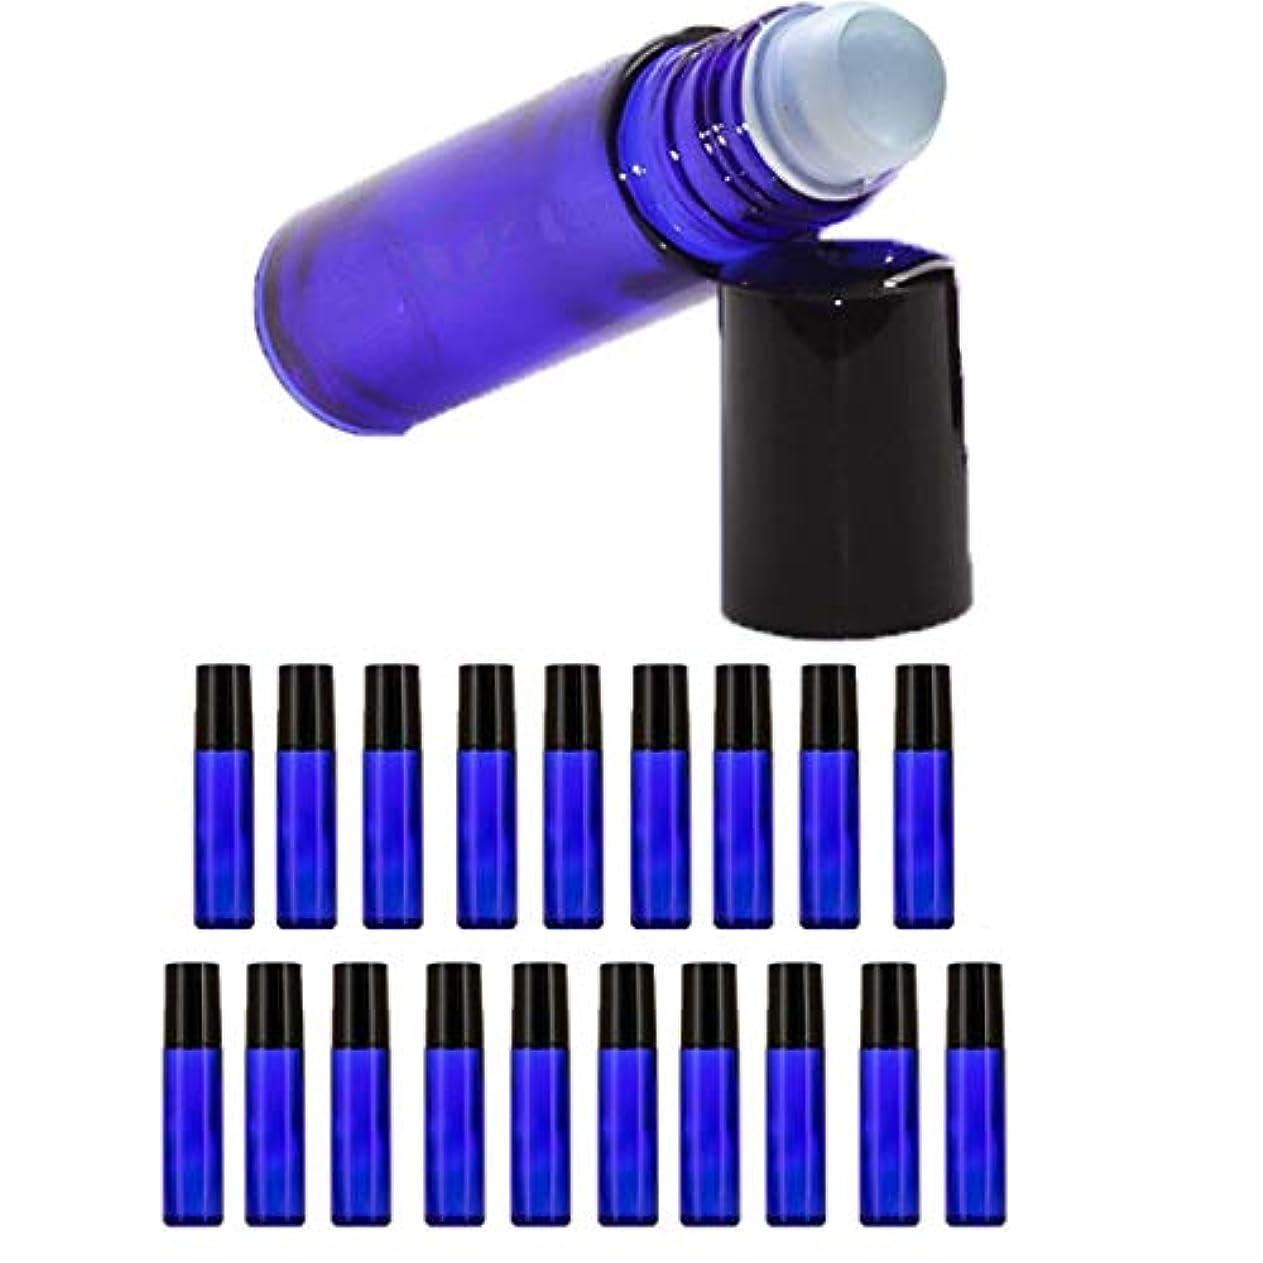 別れる割り当て抗議20個セット 遮光瓶 小分け ガラスボトルロールオンボトル 詰め替え 容器 エッセンシャルオイル 遮光ビン